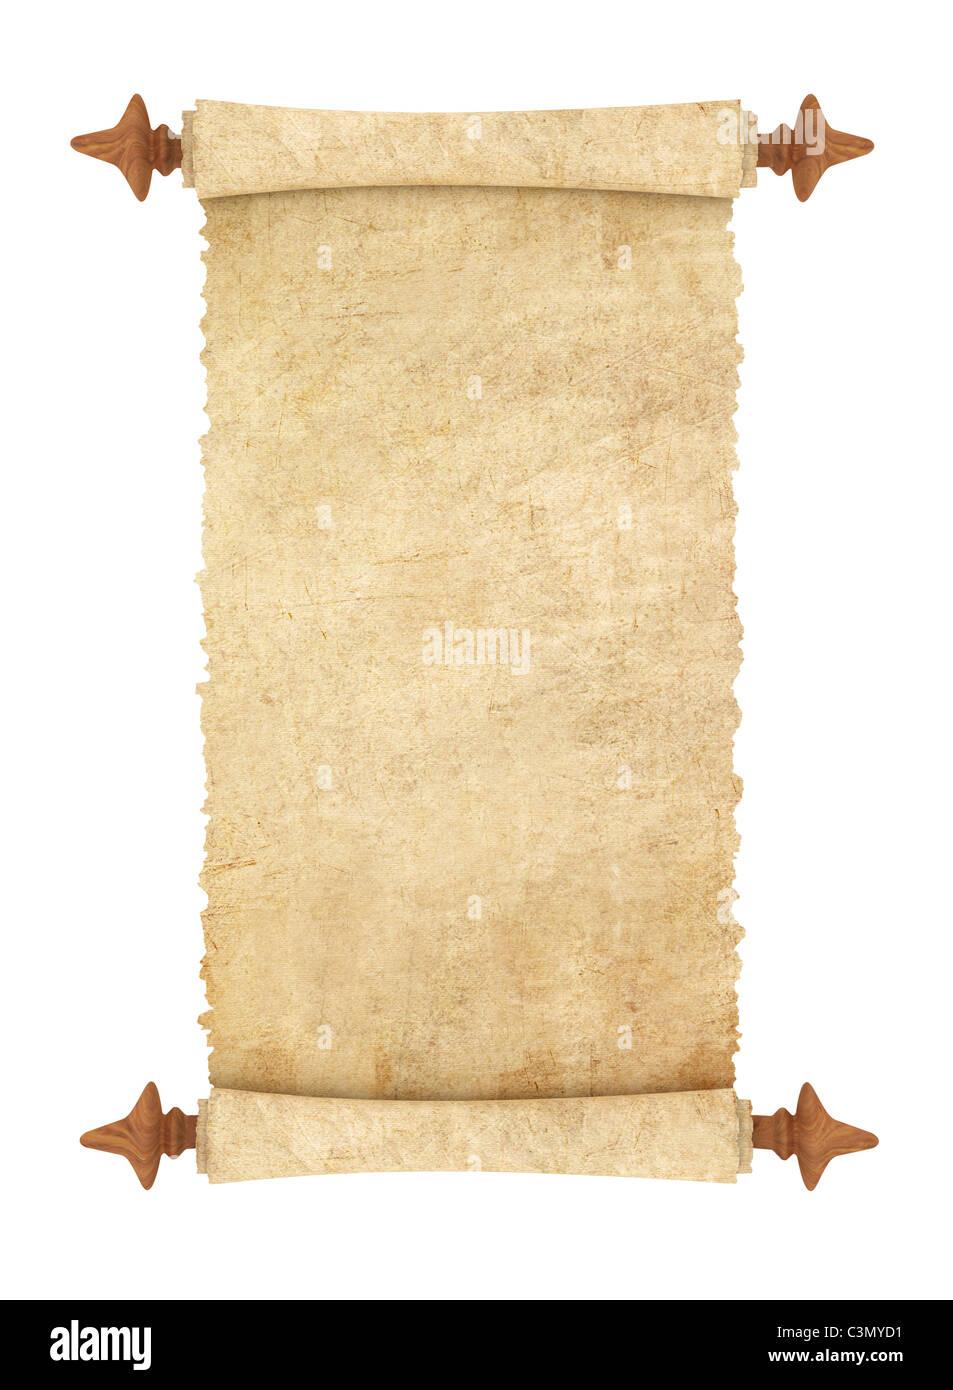 Paper manuscript, scroll - Stock Image